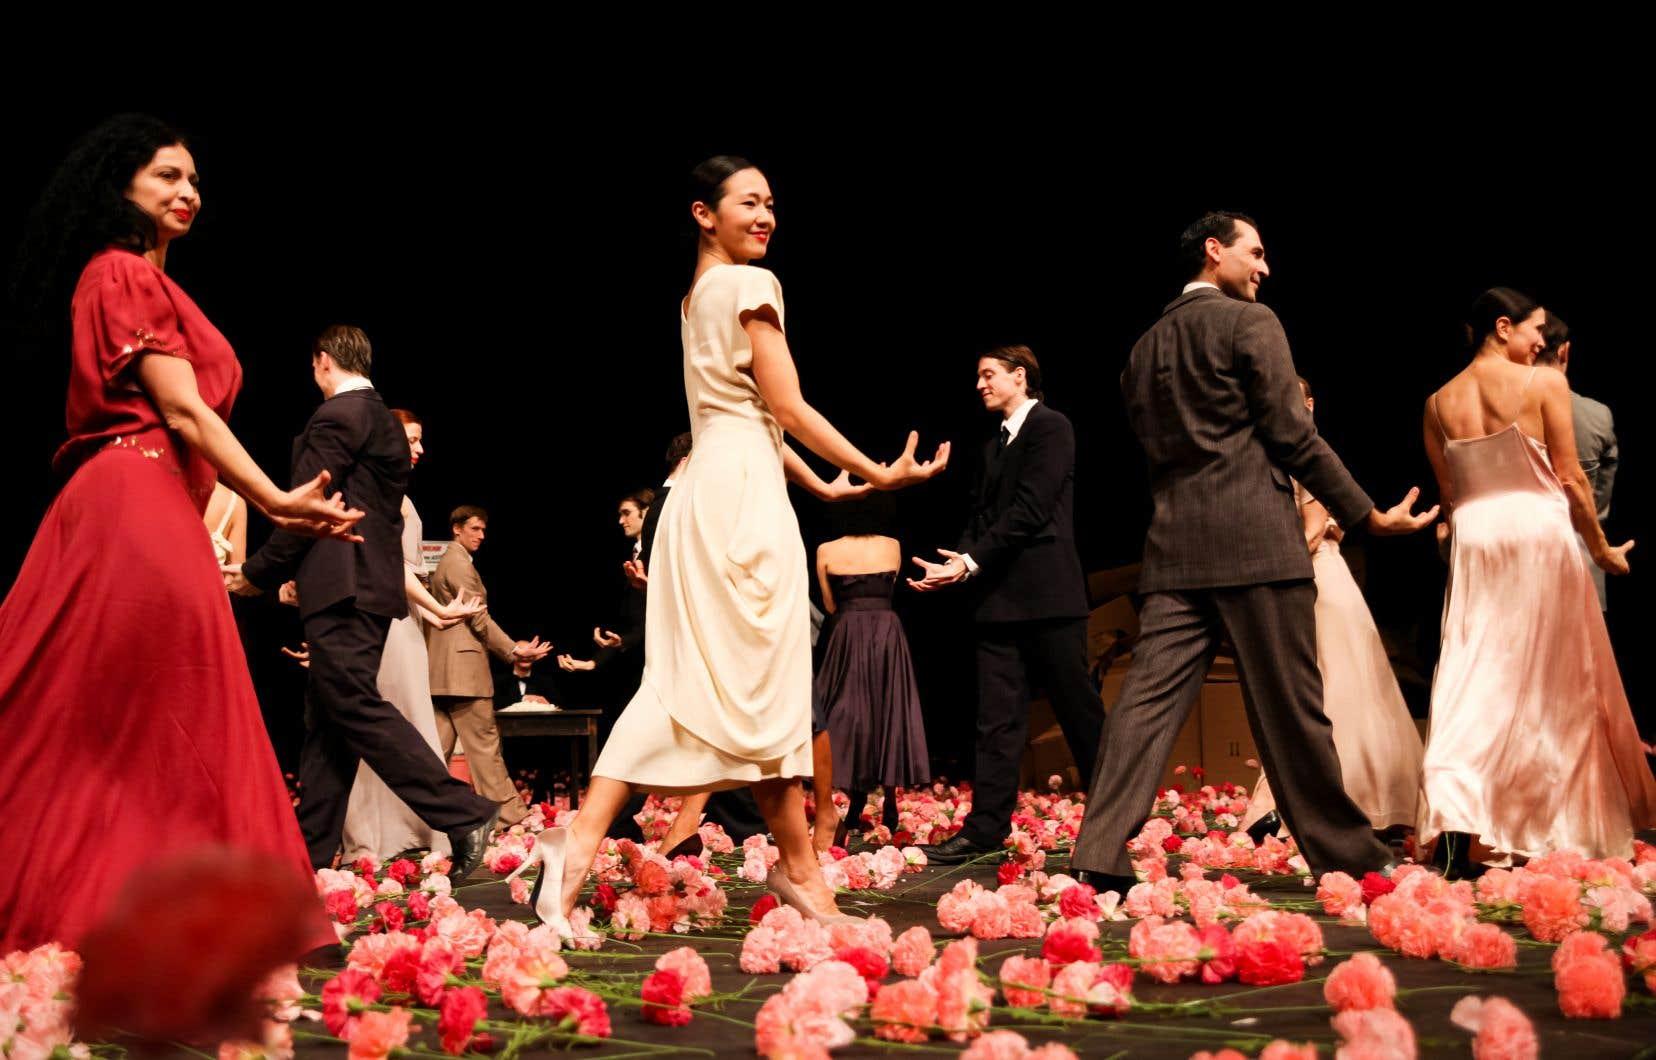 Le spectacle «Nelken<i>»</i> (notre photo), de la compagnie allemande Tanztheater Wuppertal Pina Bausch, compte 50 artistes. Toutes les représentations à Montréal affichaient complet.